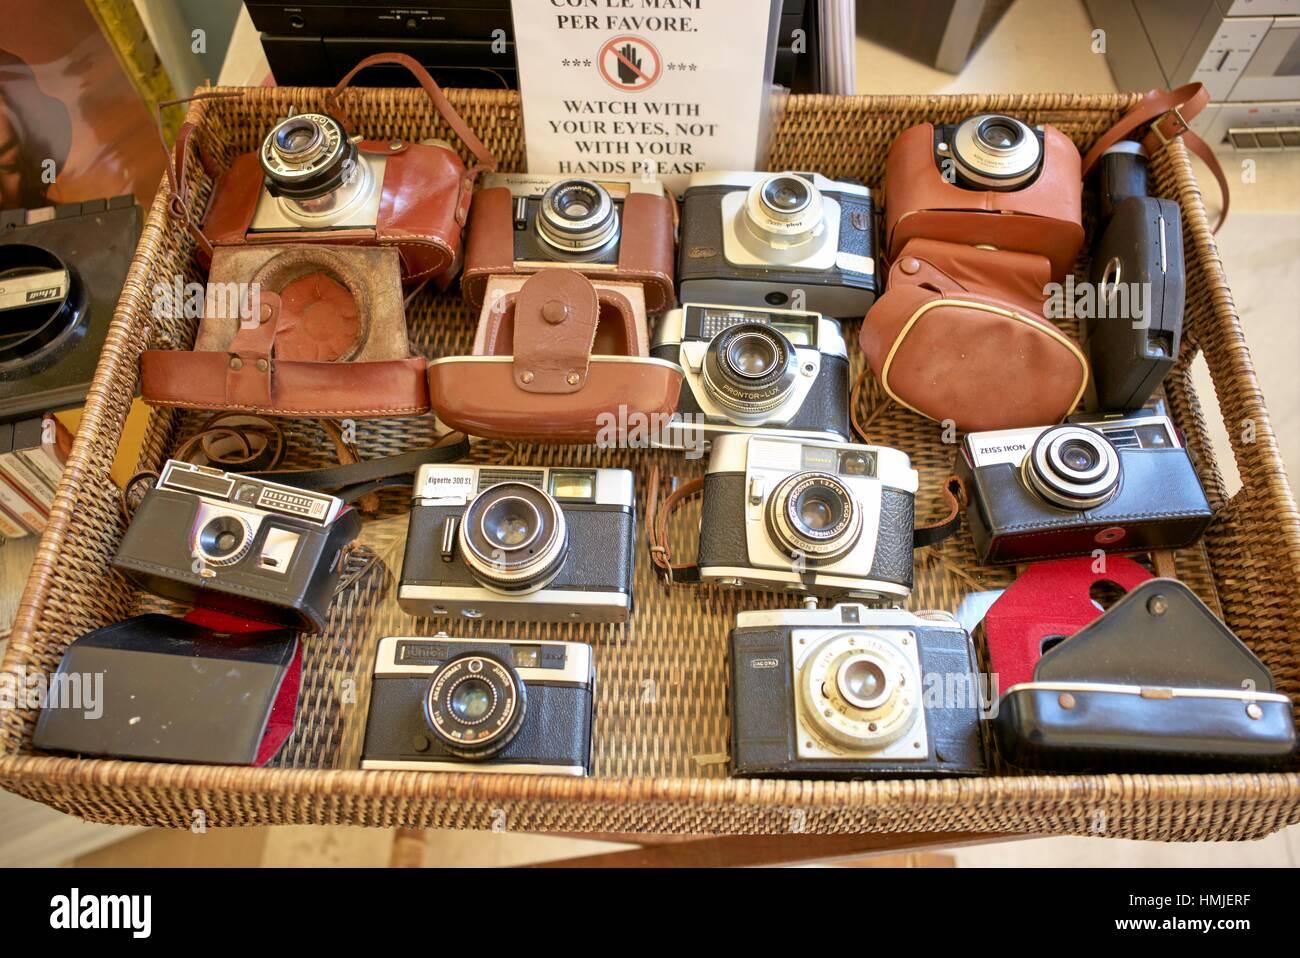 7558b31eb3ae8 Di seconda mano vintage mercato della fotocamera. Lecce